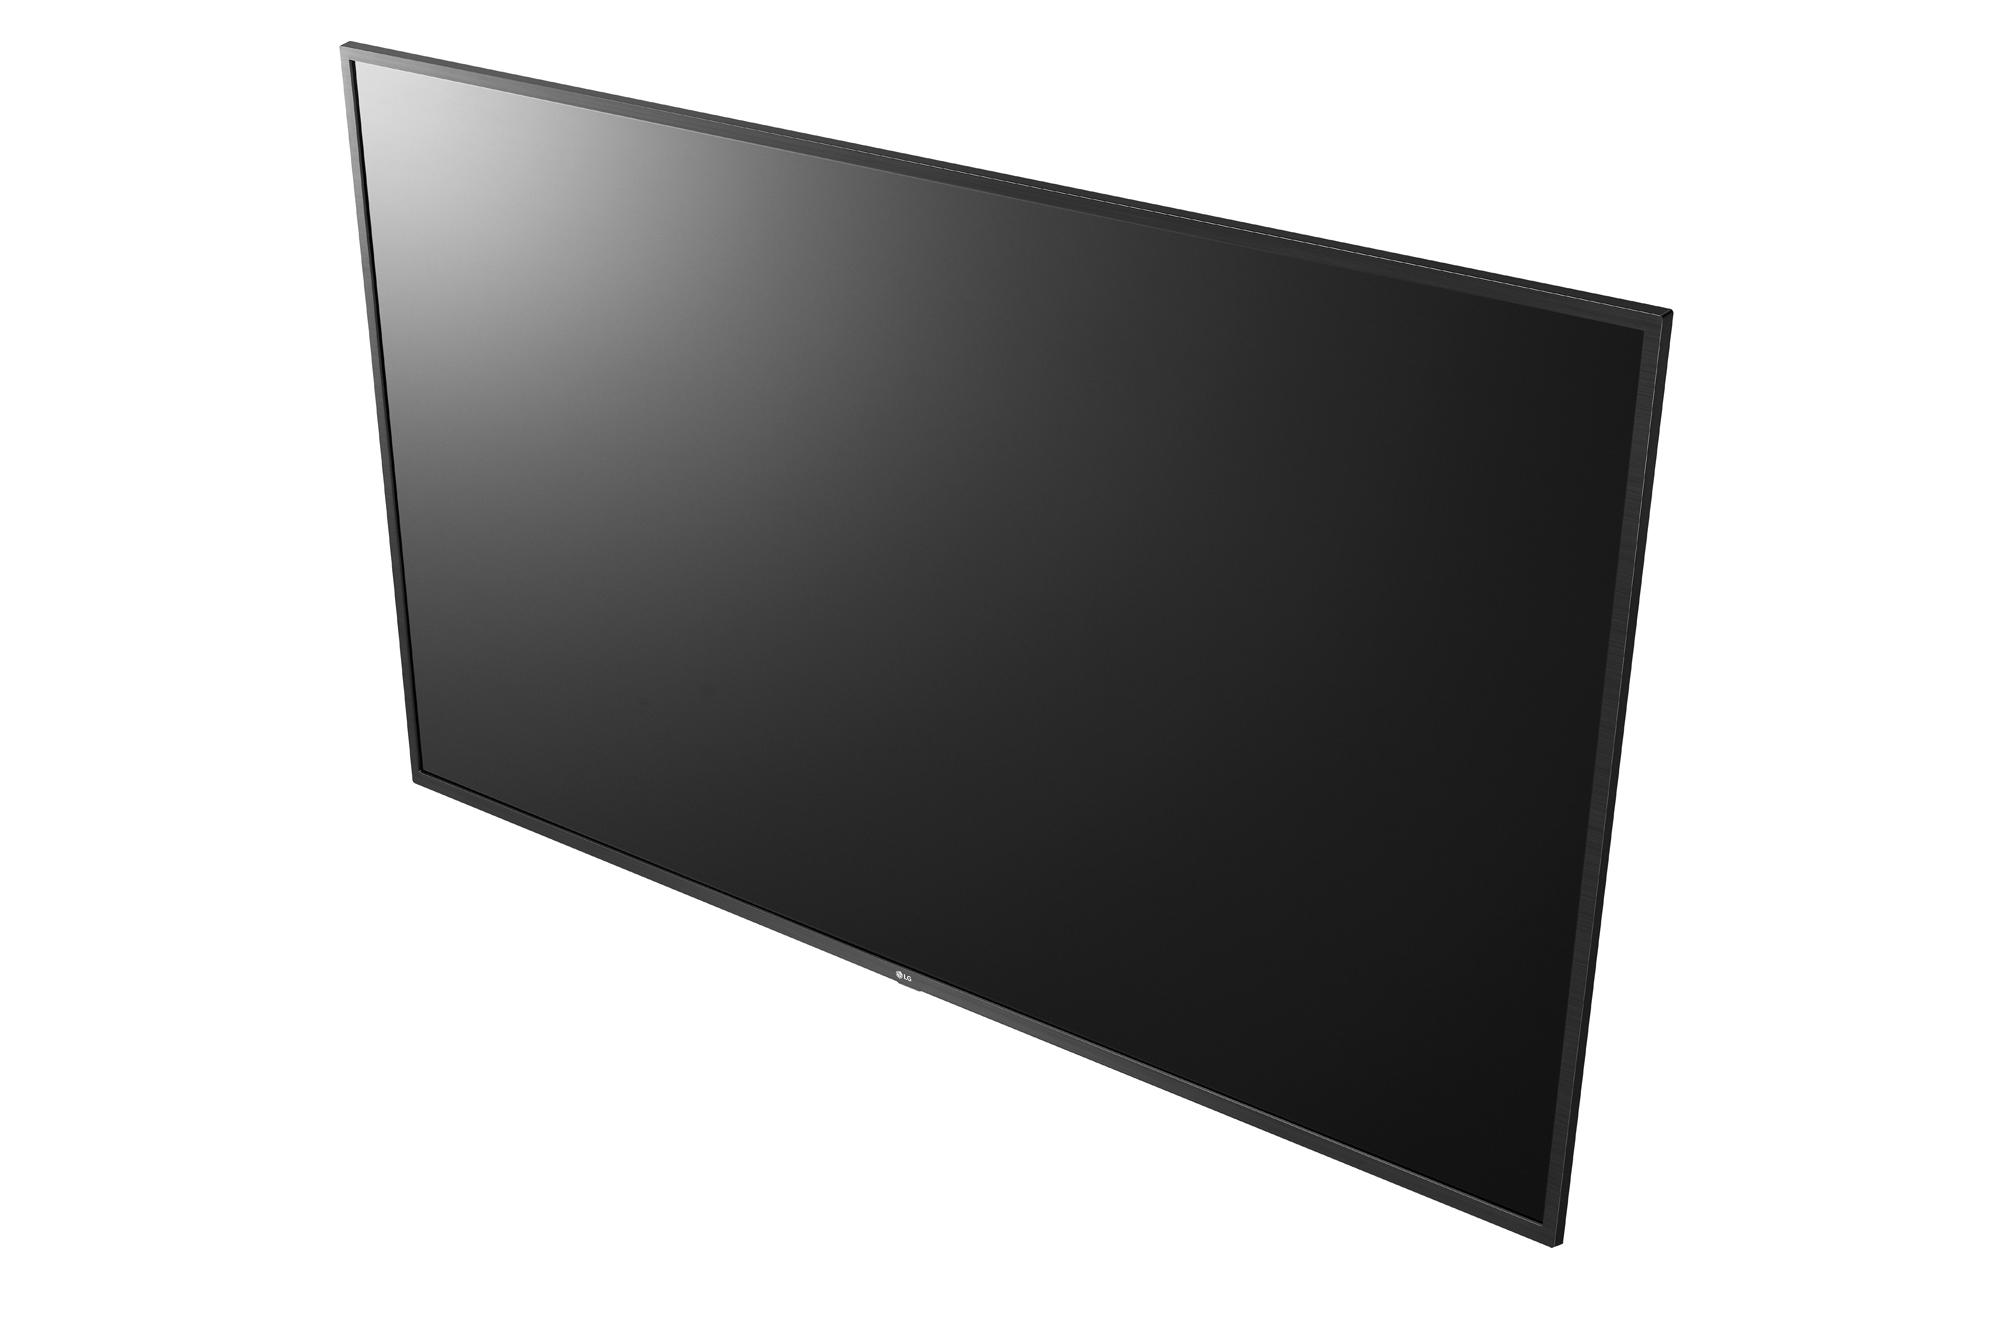 LG Smart TV Signage 55UT640S (NA) 9